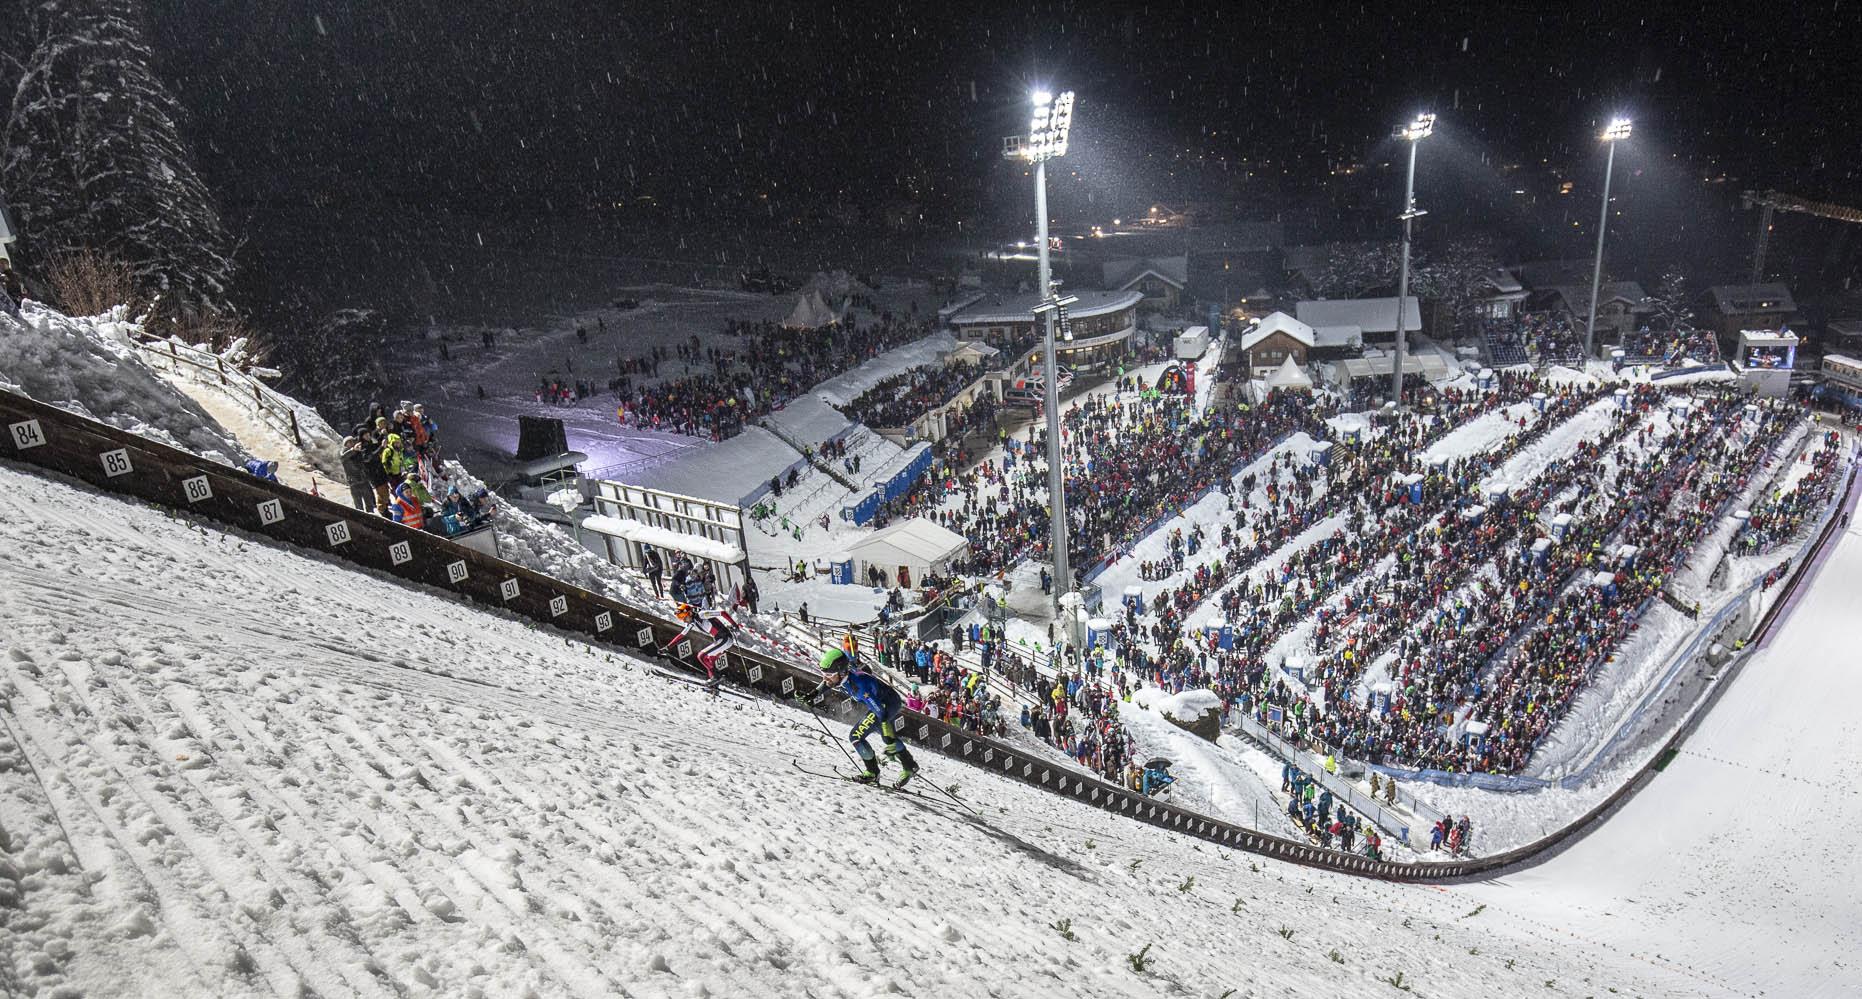 Damiano Lenzi, Torneo dei Quattro Trampolini, Bischofshofen, salto con gli sci, scialpinismo